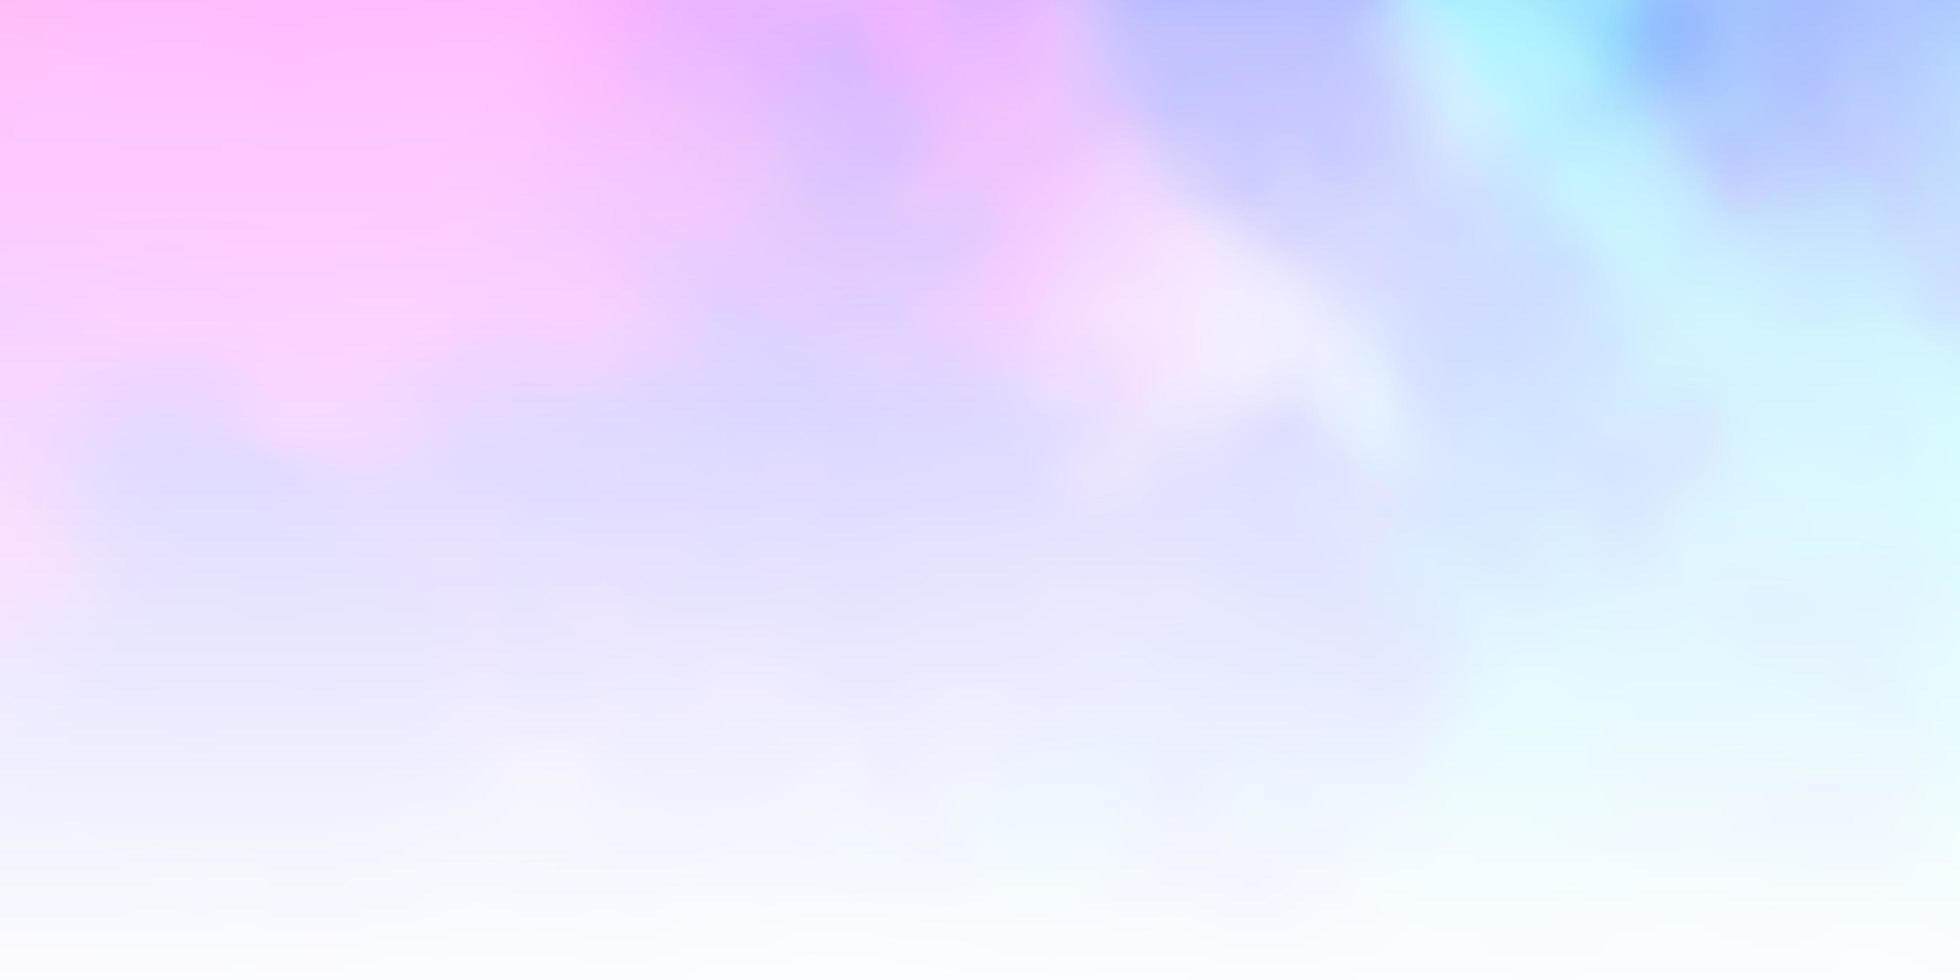 toile de fond de vecteur rose clair, bleu avec cumulus.